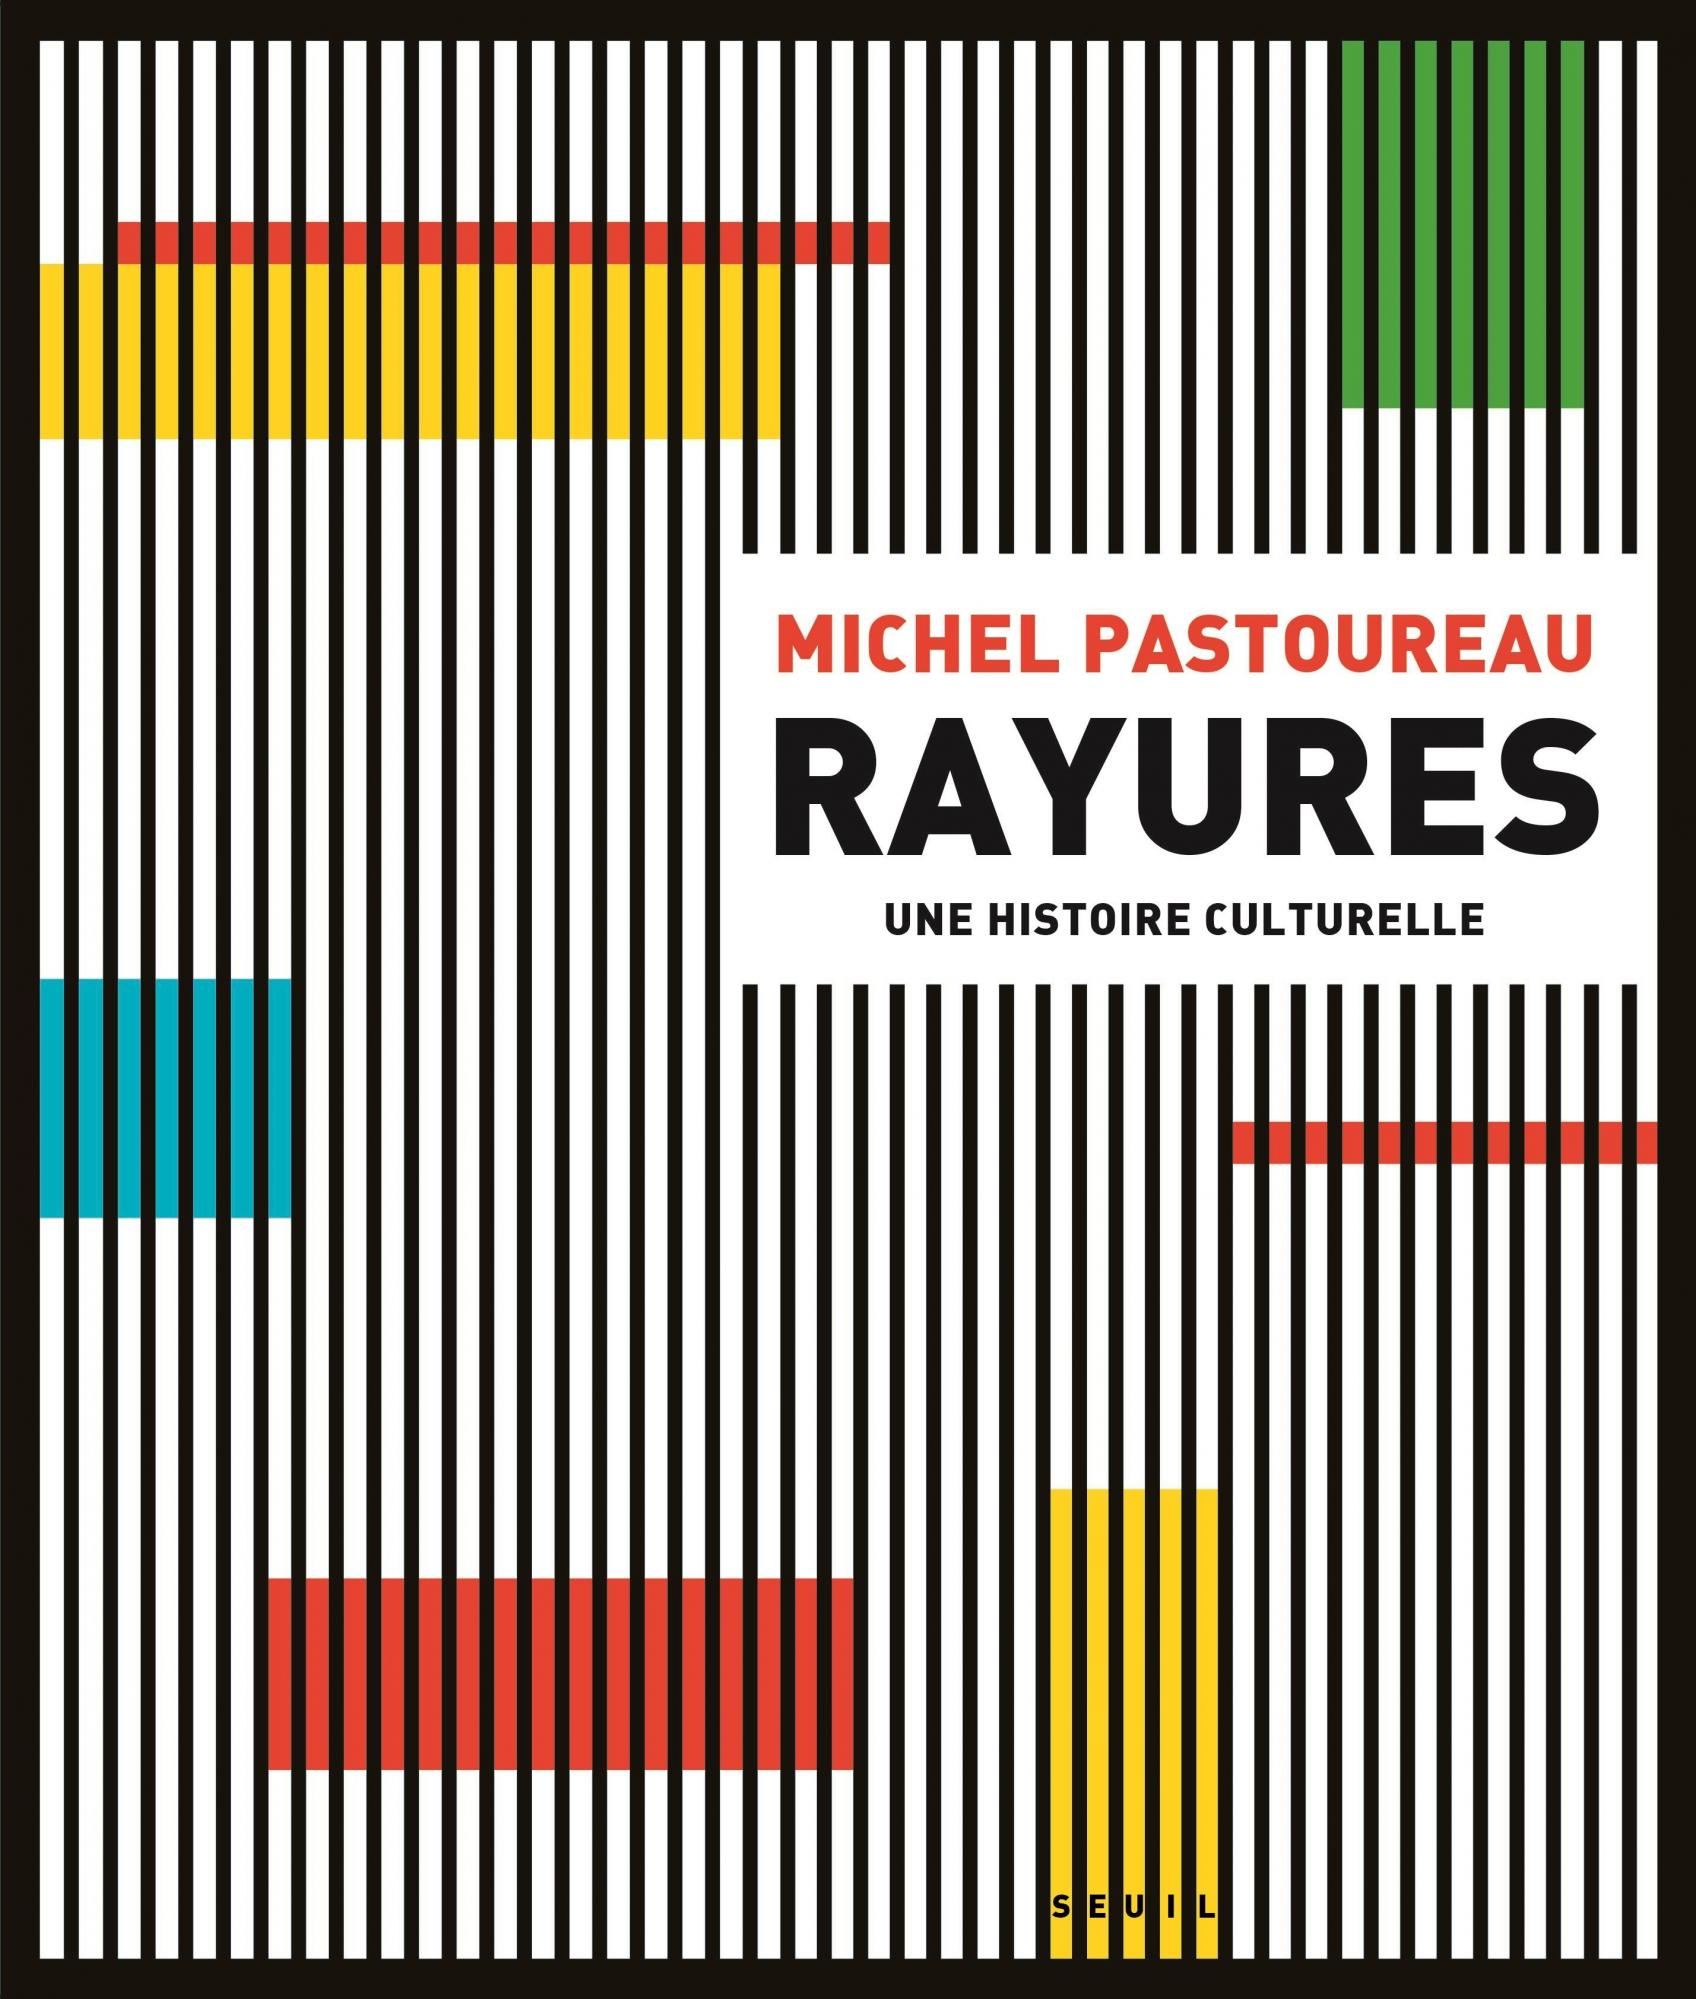 M. Pastoureau, Rayures. Une histoire culturelle (nouvelle éd.)